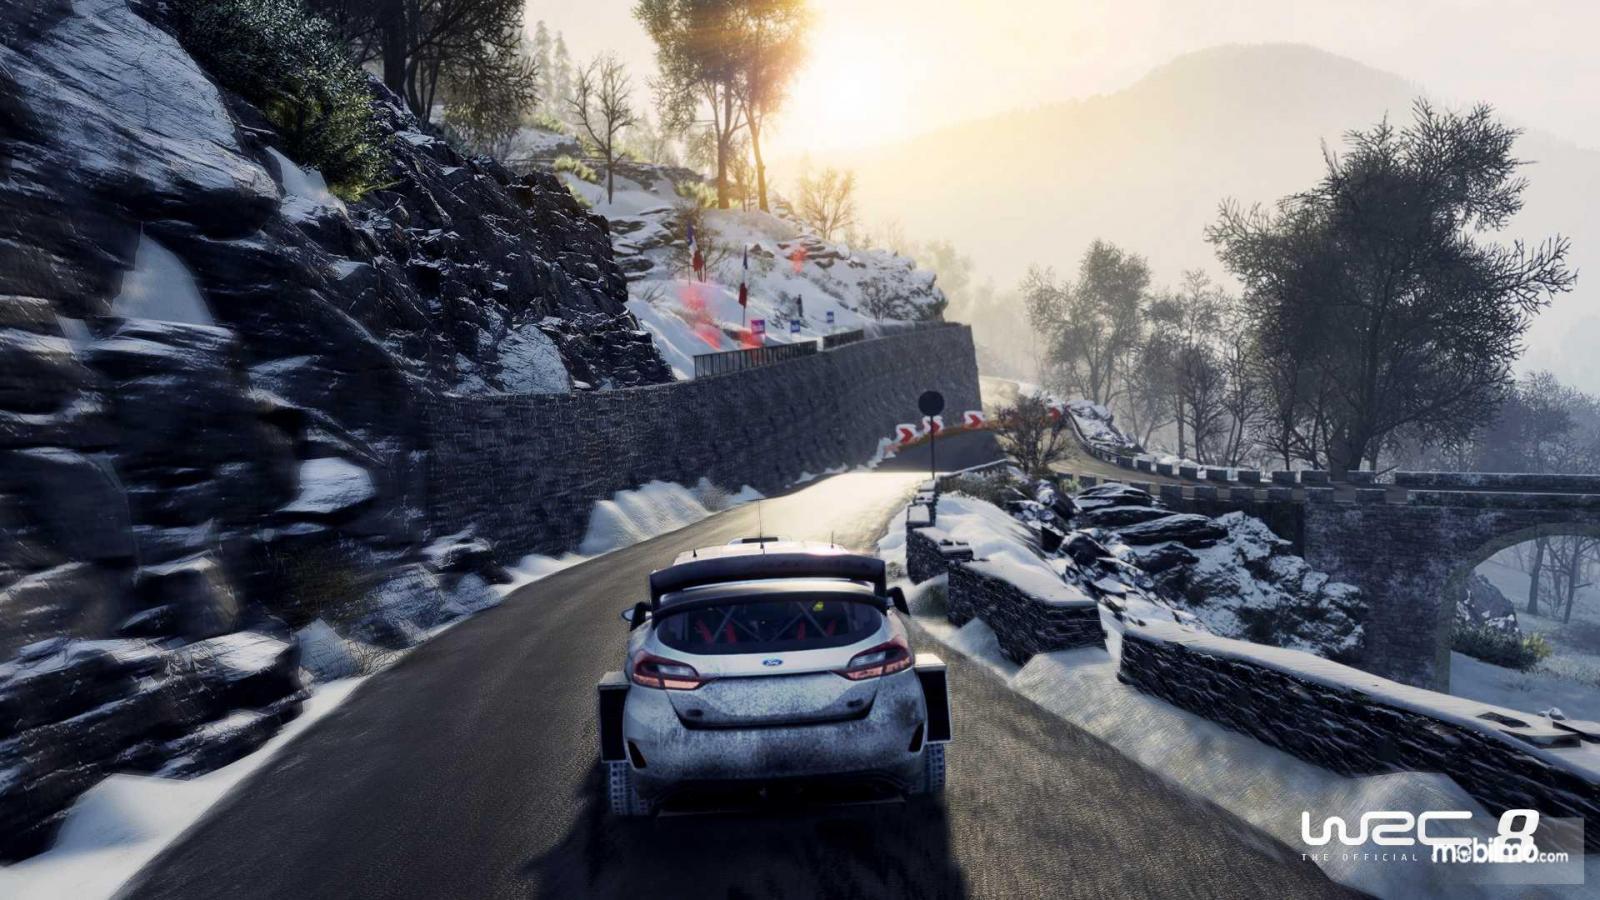 gameplay WRC 8 di daerah bersalju dengan mobil balap berwarna putih